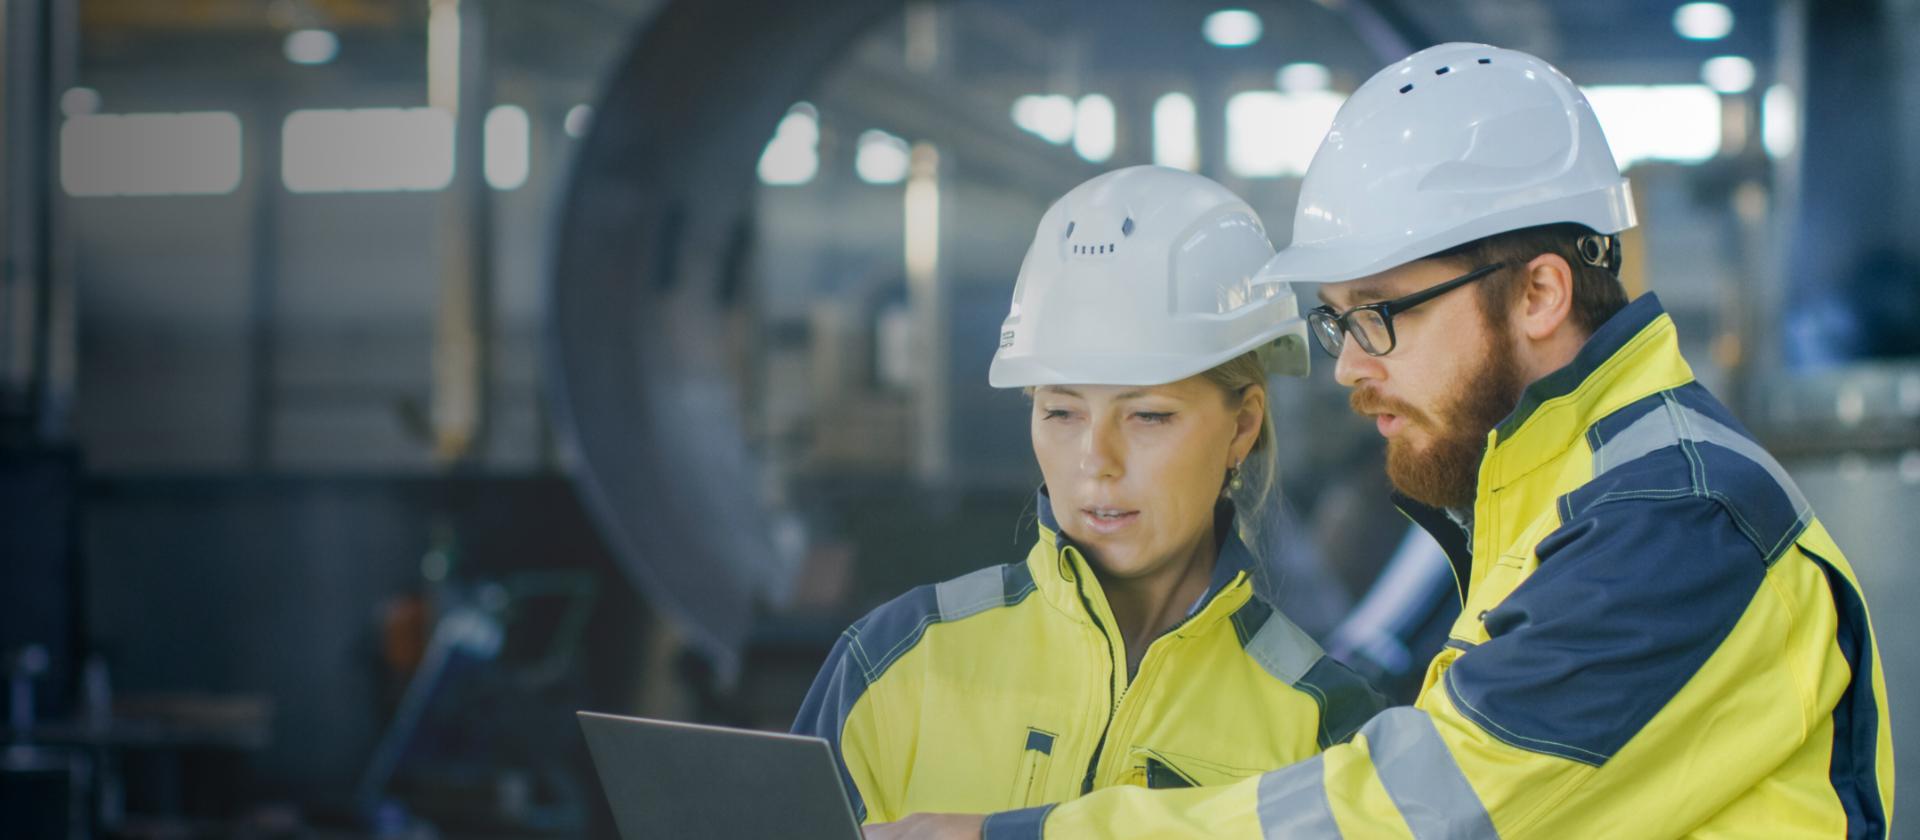 Engineer Workers